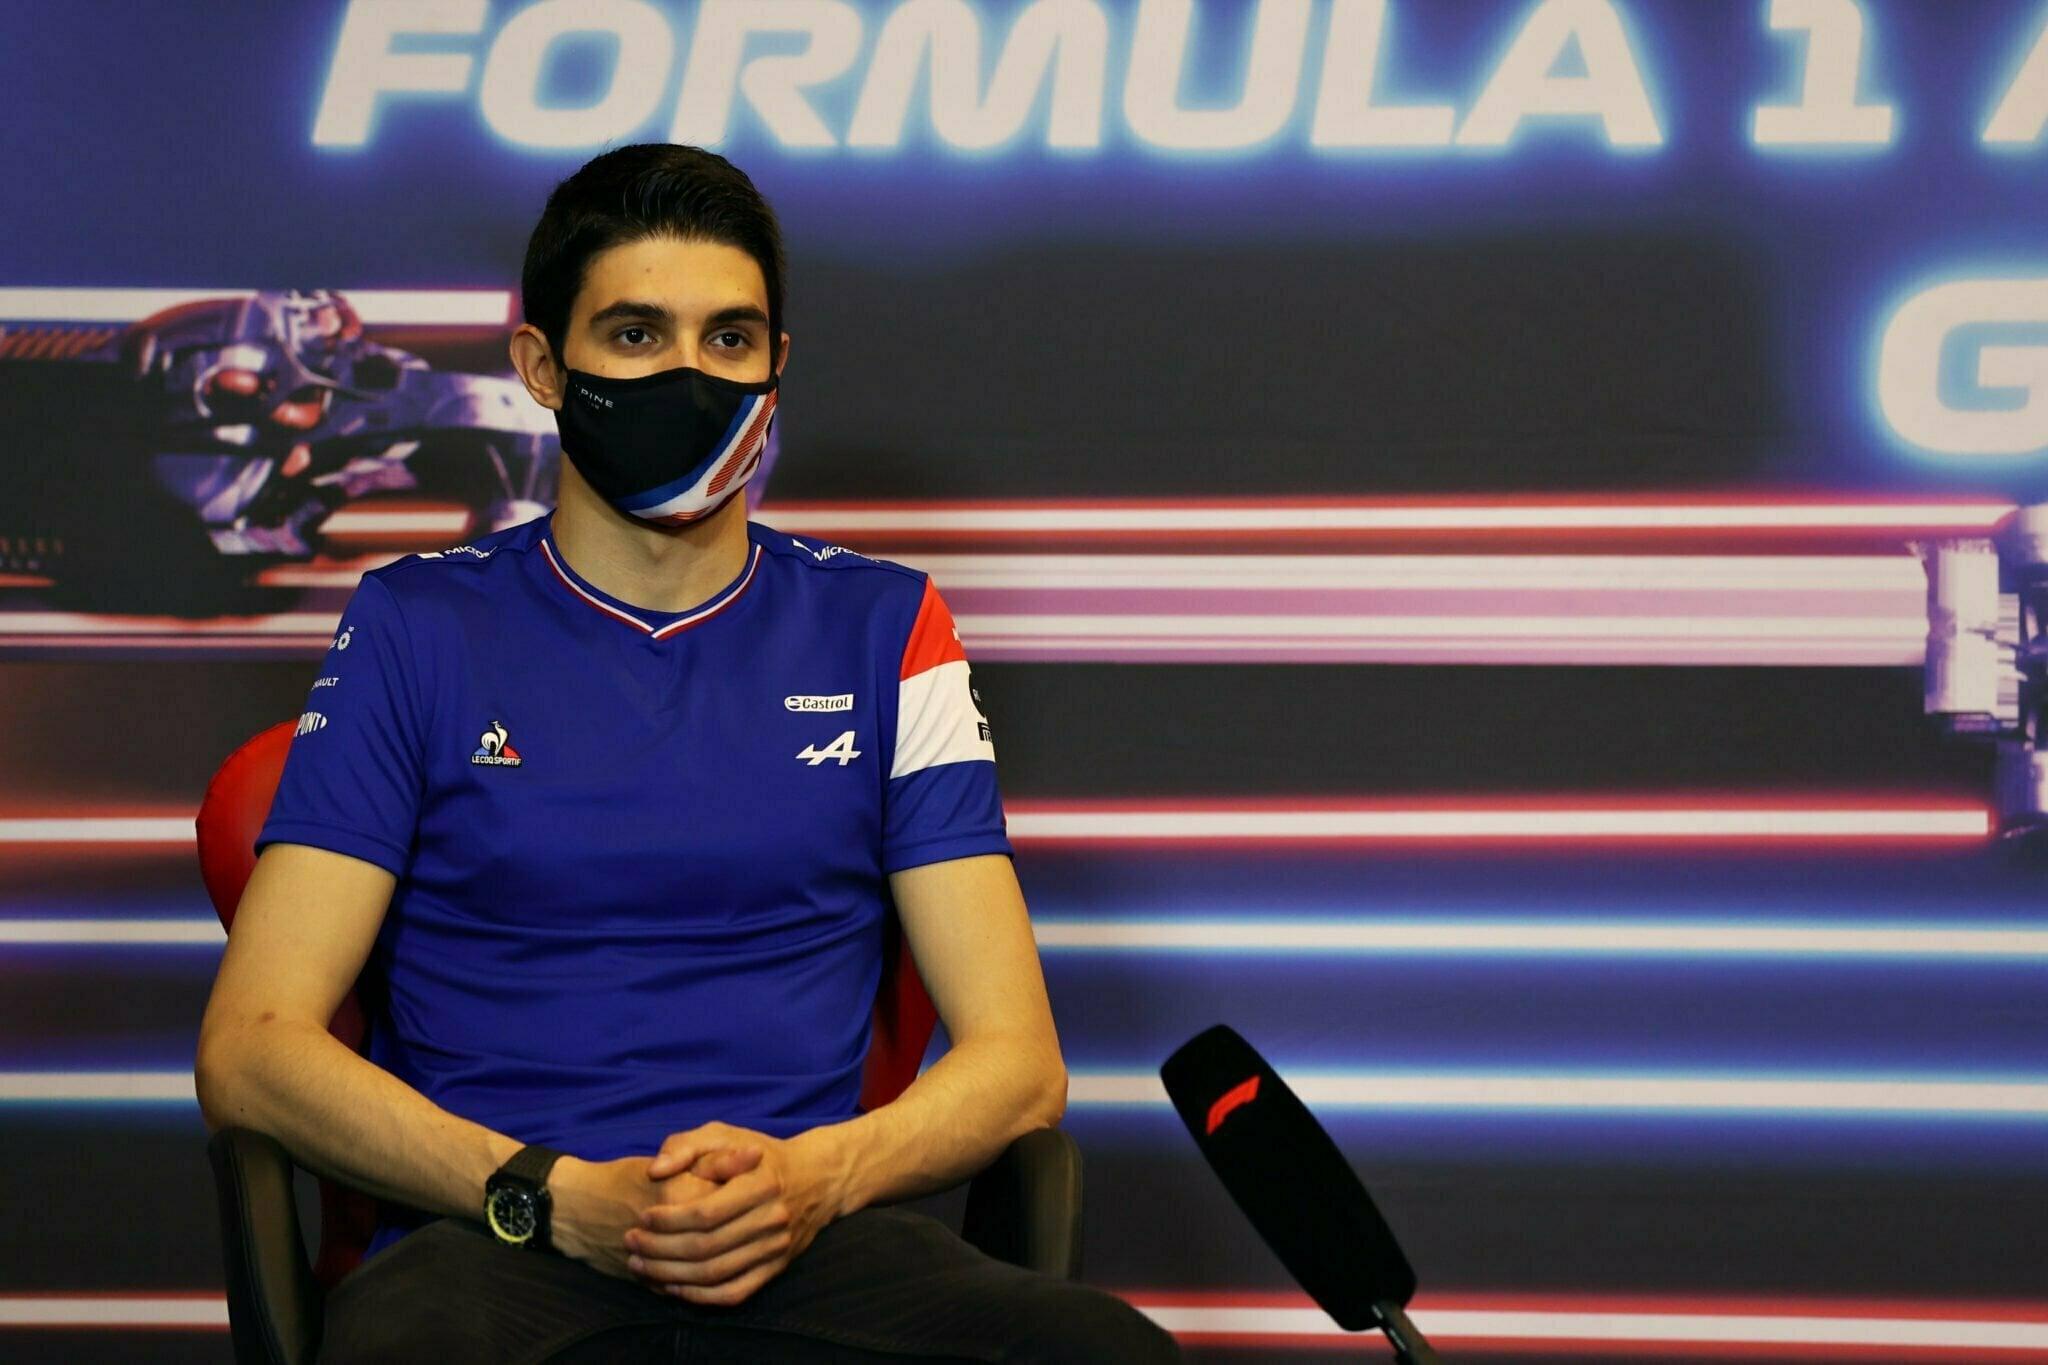 Alpine F1 Azebaijan Grand Prix Baku Alonso Ocon 2021 56   Alonso offre huit précieux points à Alpine F1 Team sur l'épreuve de Bakou